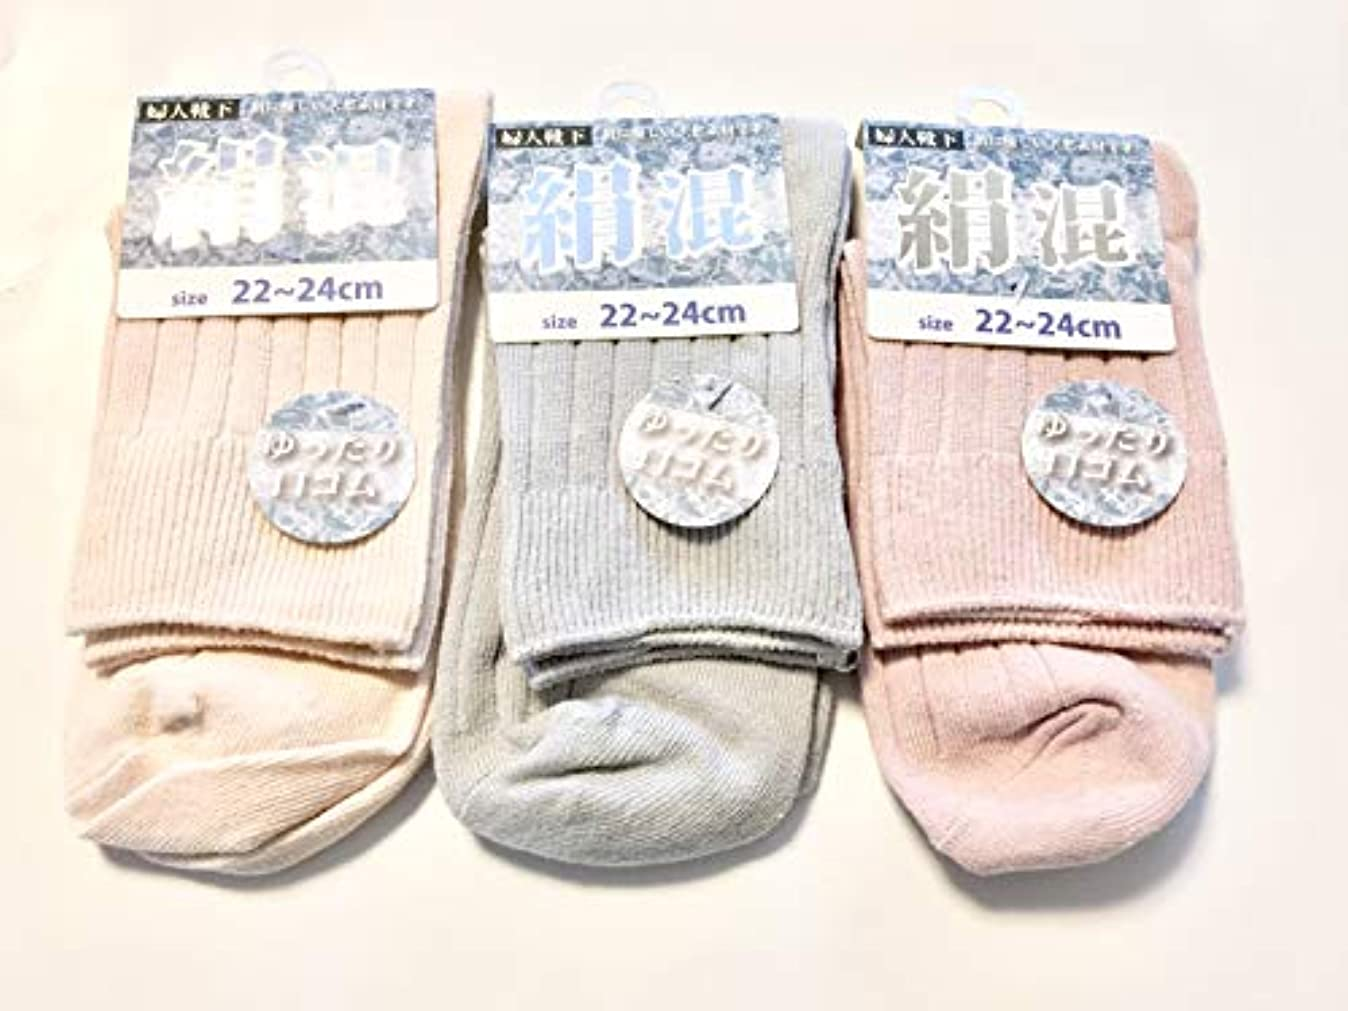 ペレット水素会話靴下 レディース シルク混 リンクスソックス 口ゴムゆったり 22-24cm 3足組(色はお任せ)